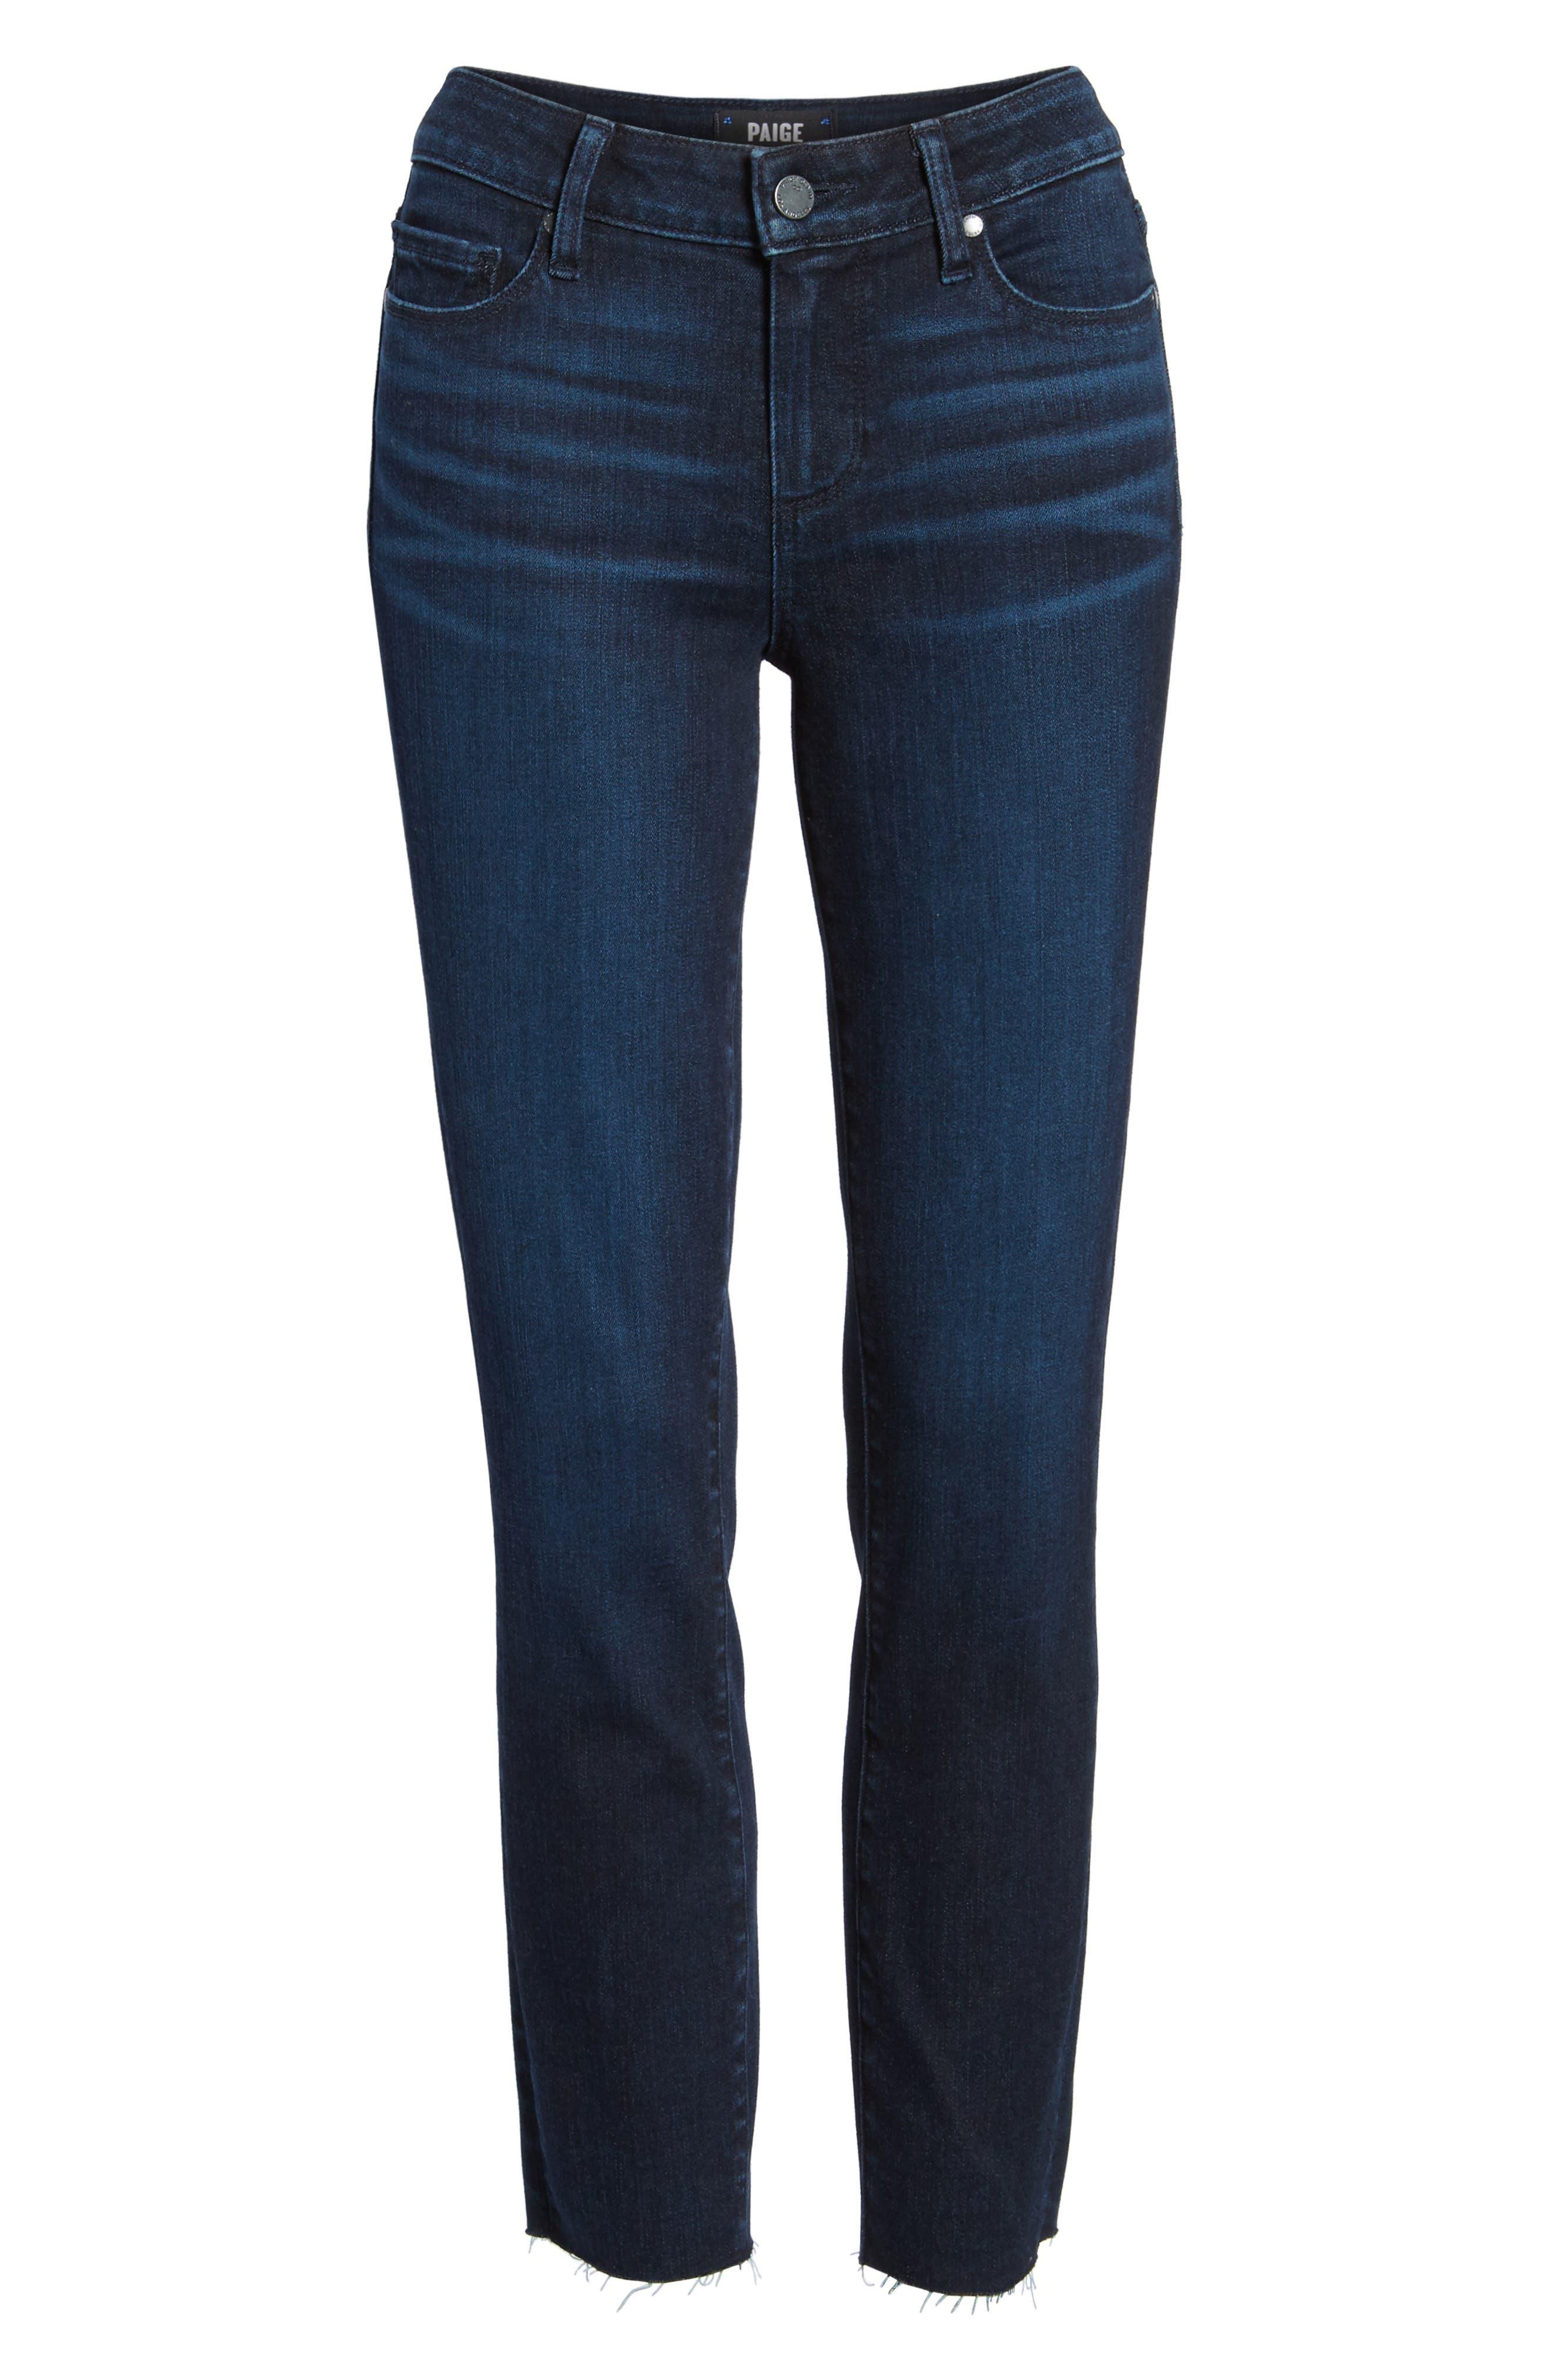 Transcend Vintage - Skyline Crop Skinny Jeans,                             Alternate thumbnail 7, color,                             LUELLA